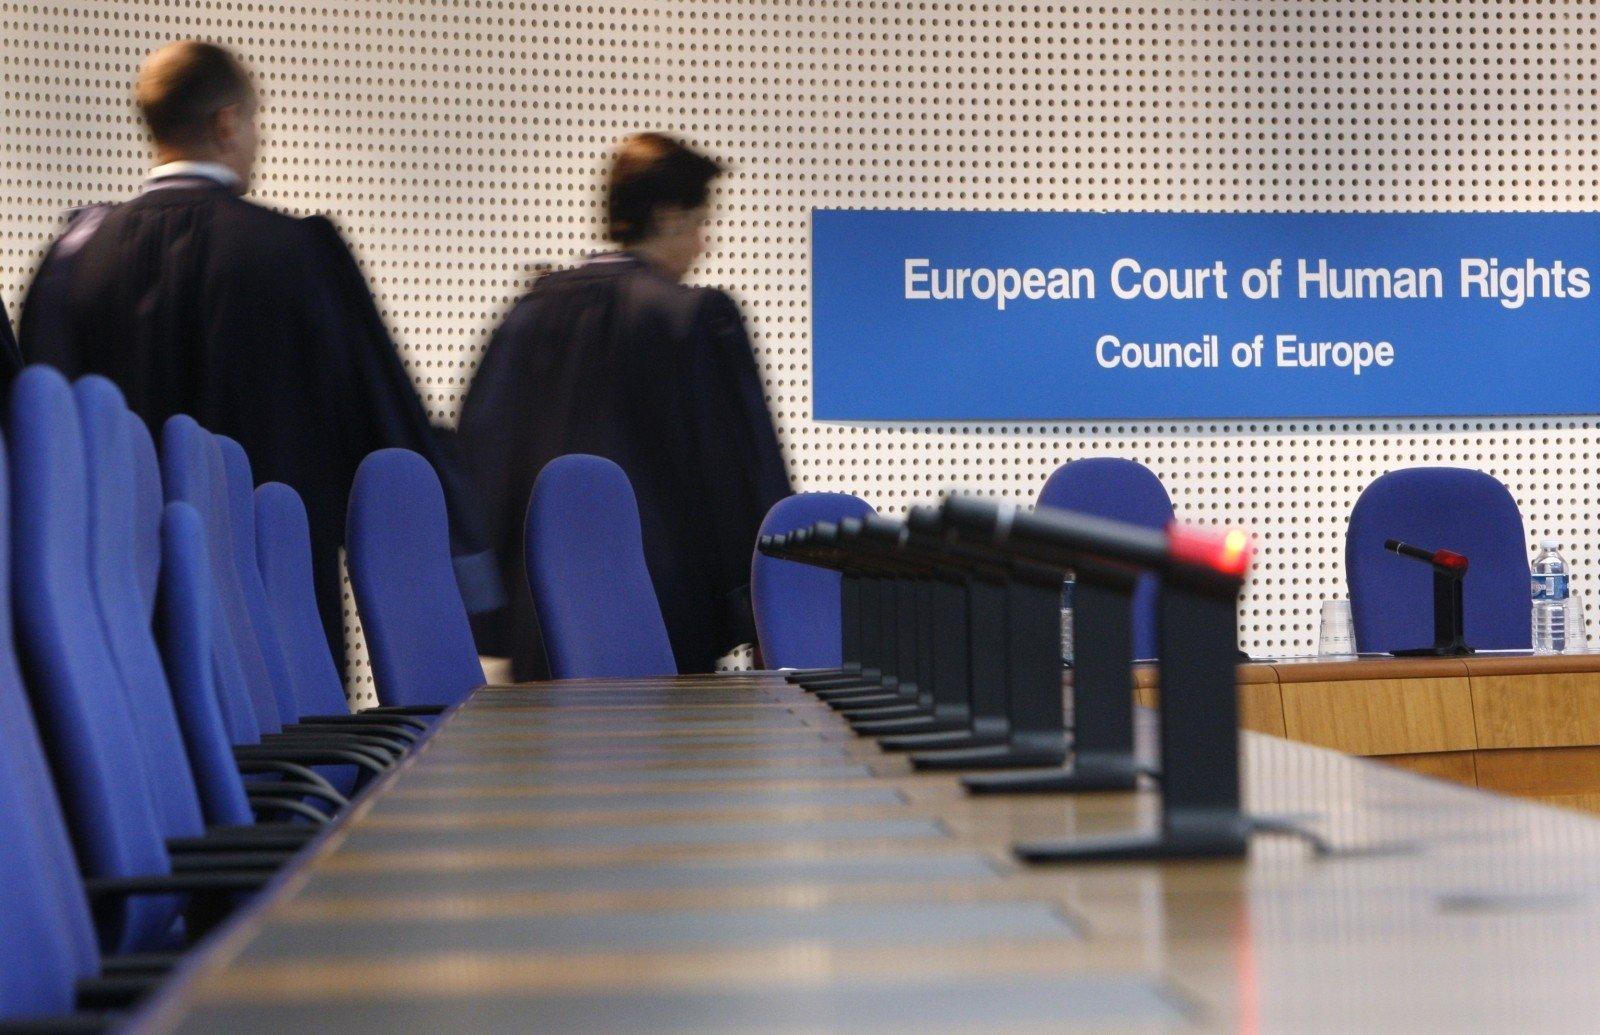 Житель Украины одержал победу вСтрасбурге дело против литовских полицейских